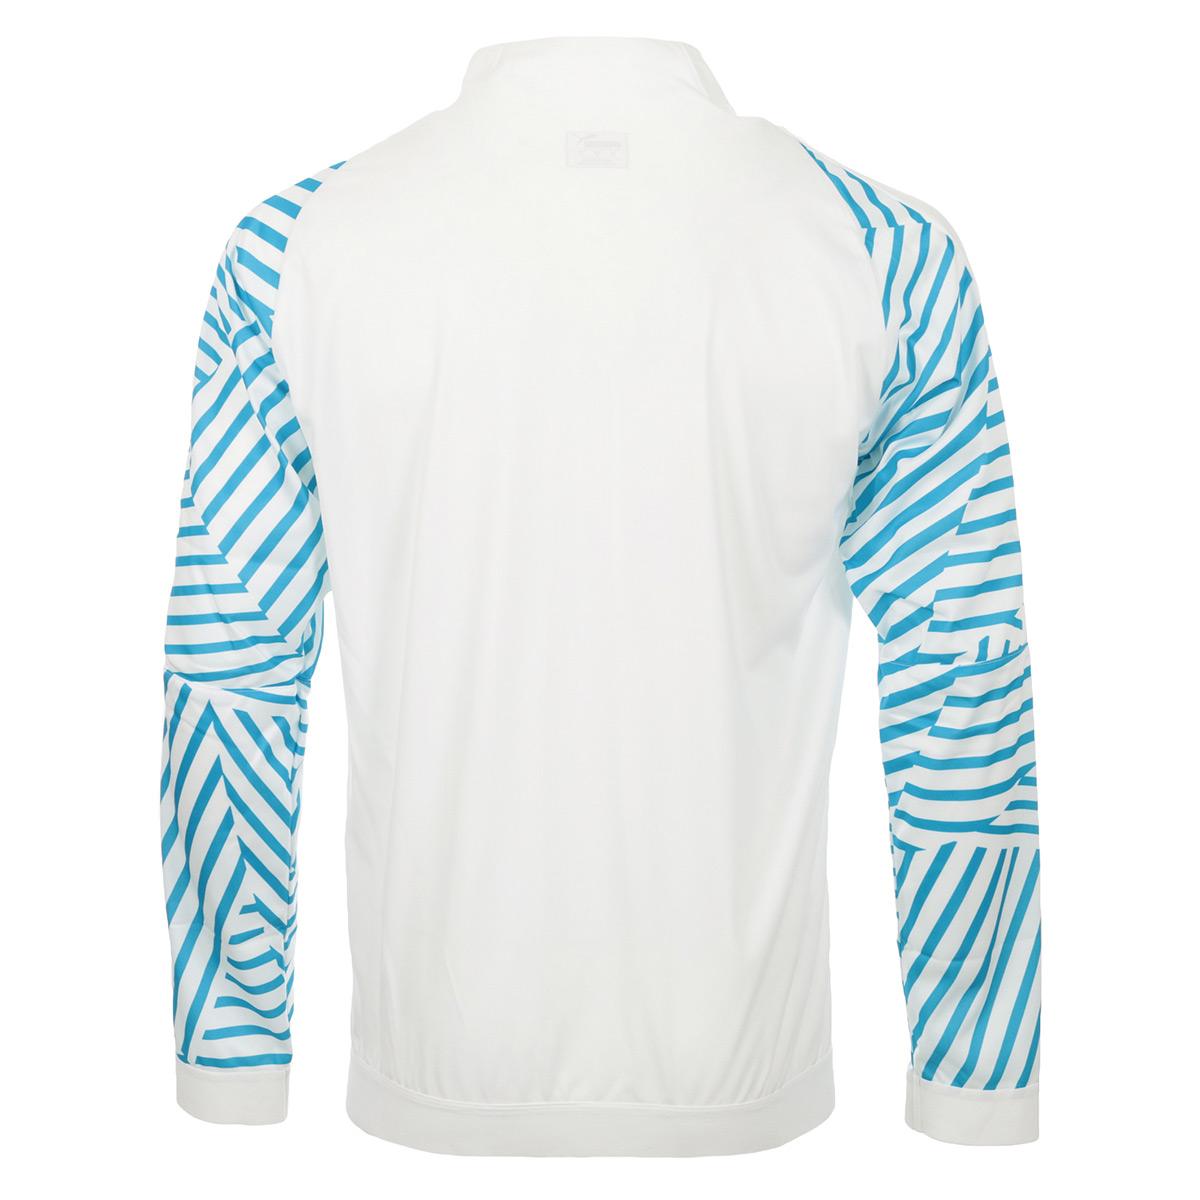 Om Jacket Puma Puma Om Puma Puma Jacket; Jacket Stadium Stadium Jacket; Om Stadium Om Jacket; Jacket; Jacket Stadium wAqT6